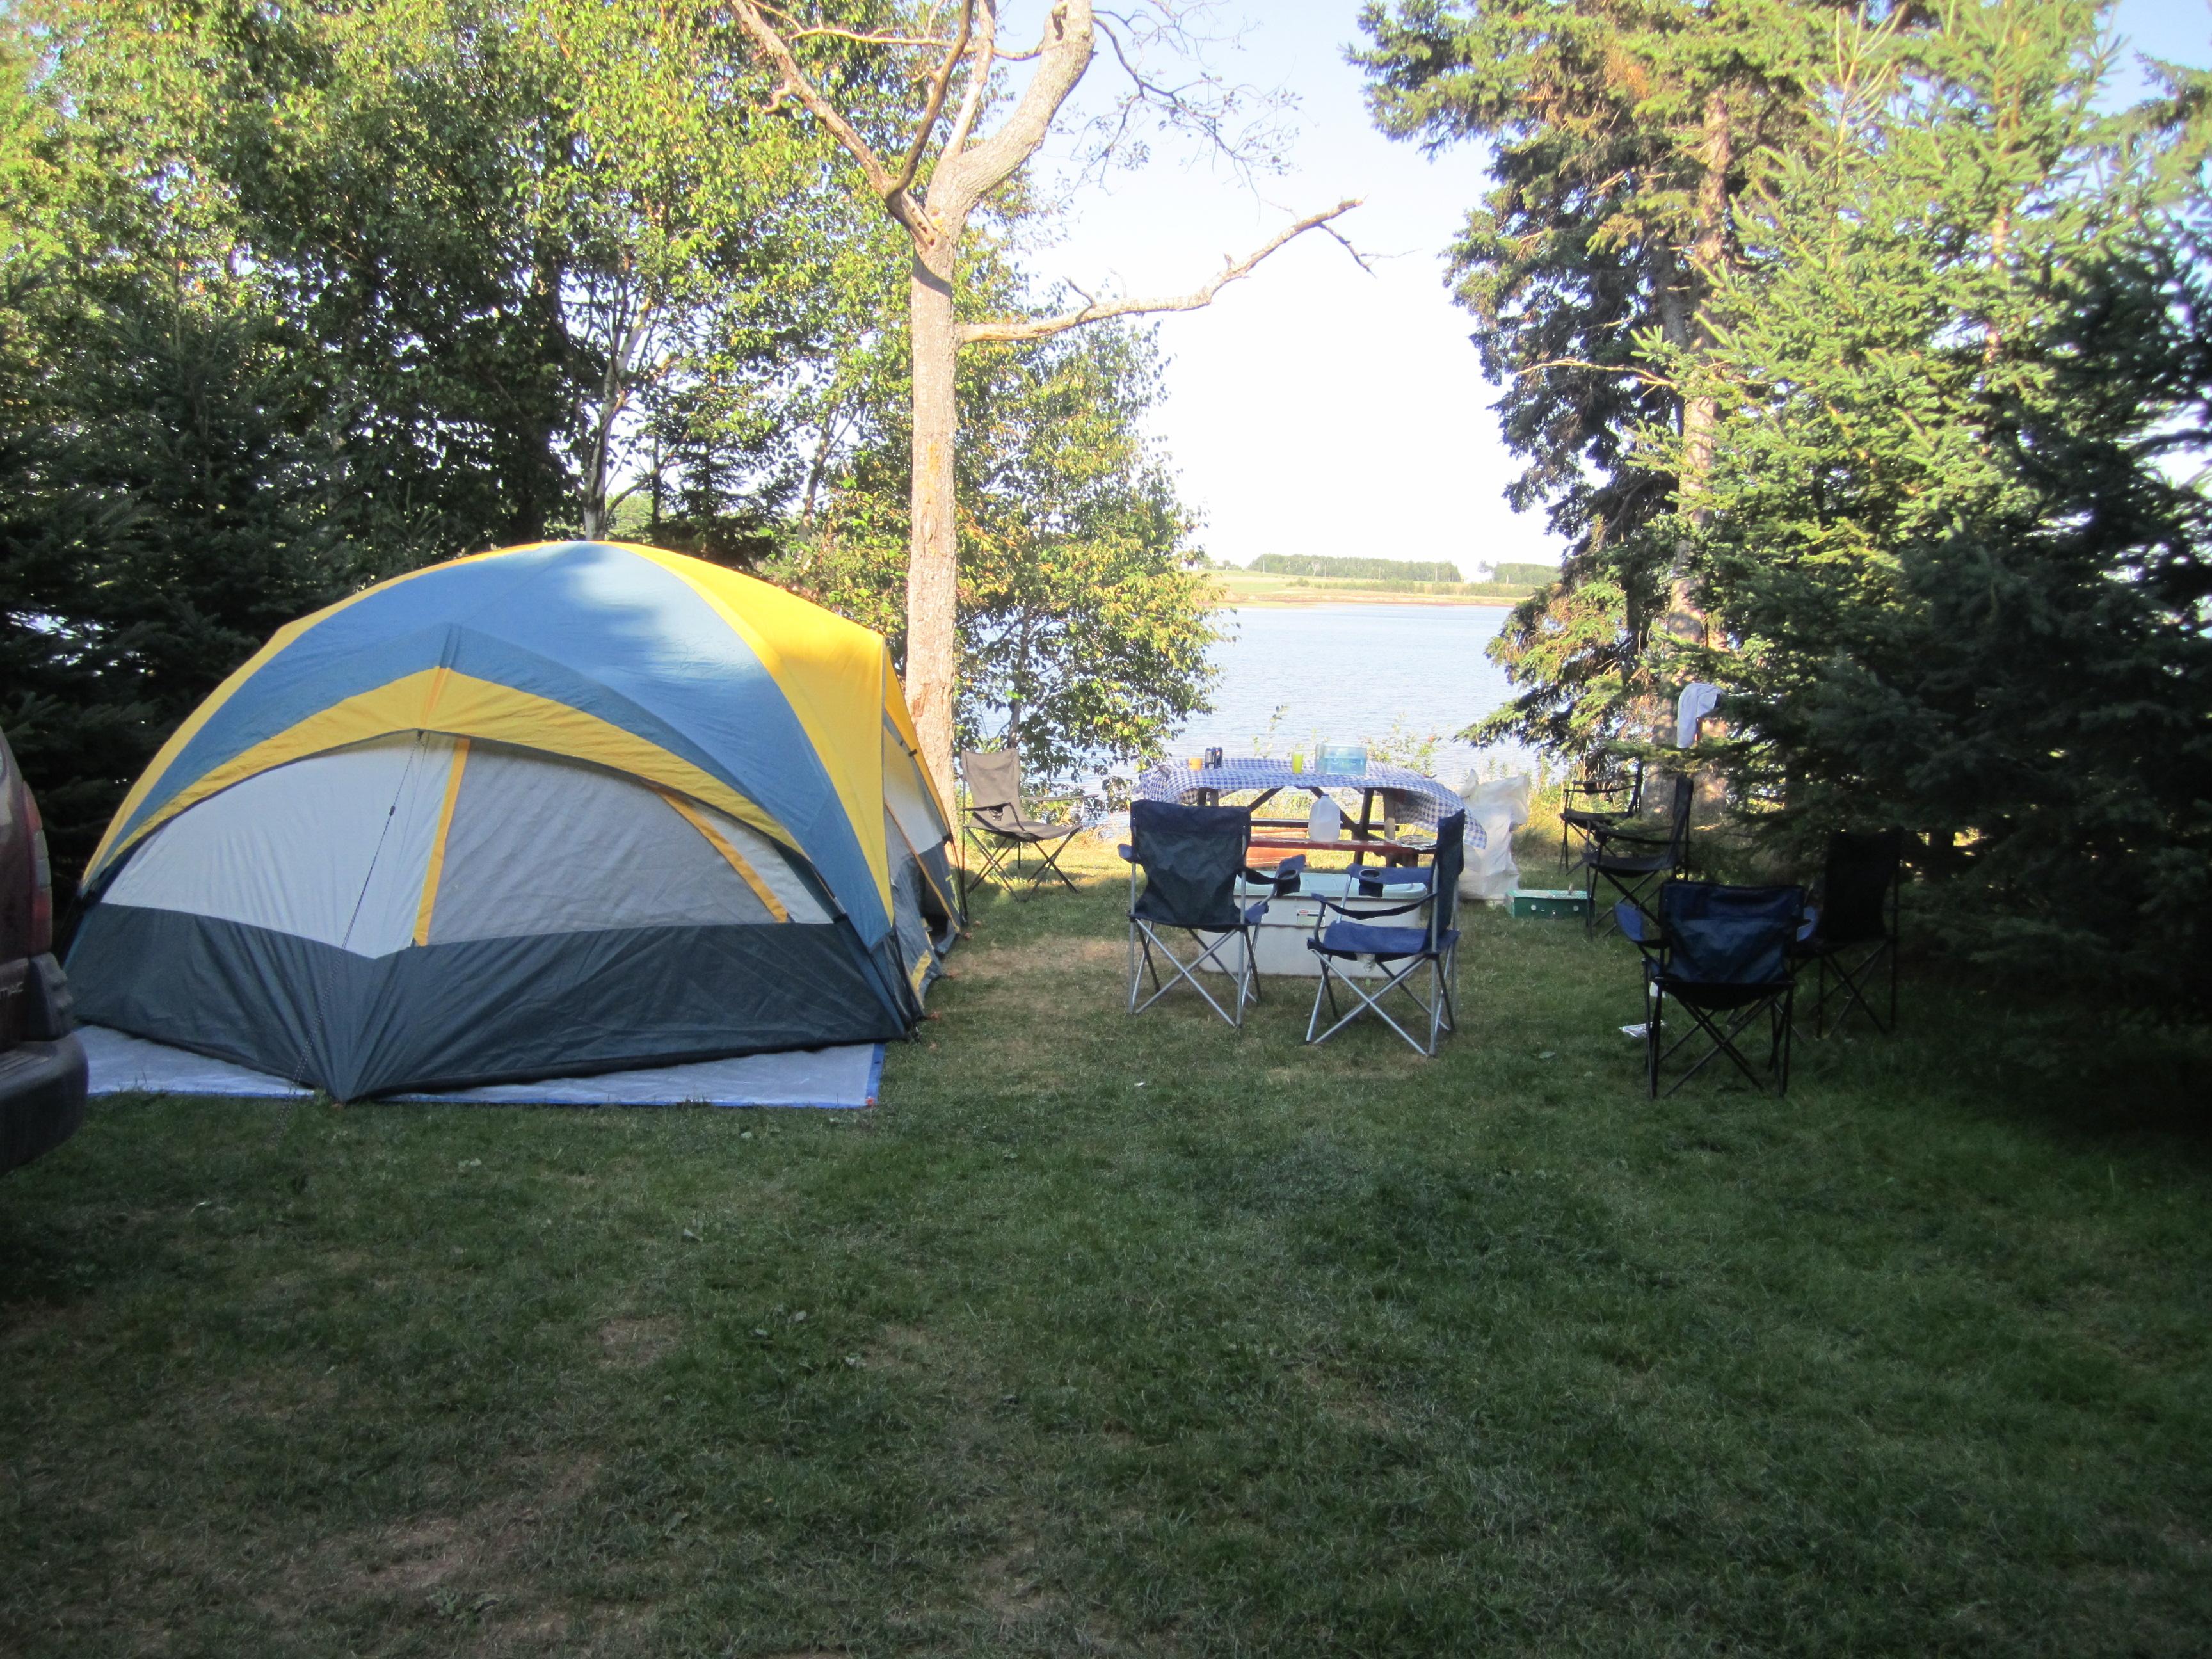 Cornwall ontario camping